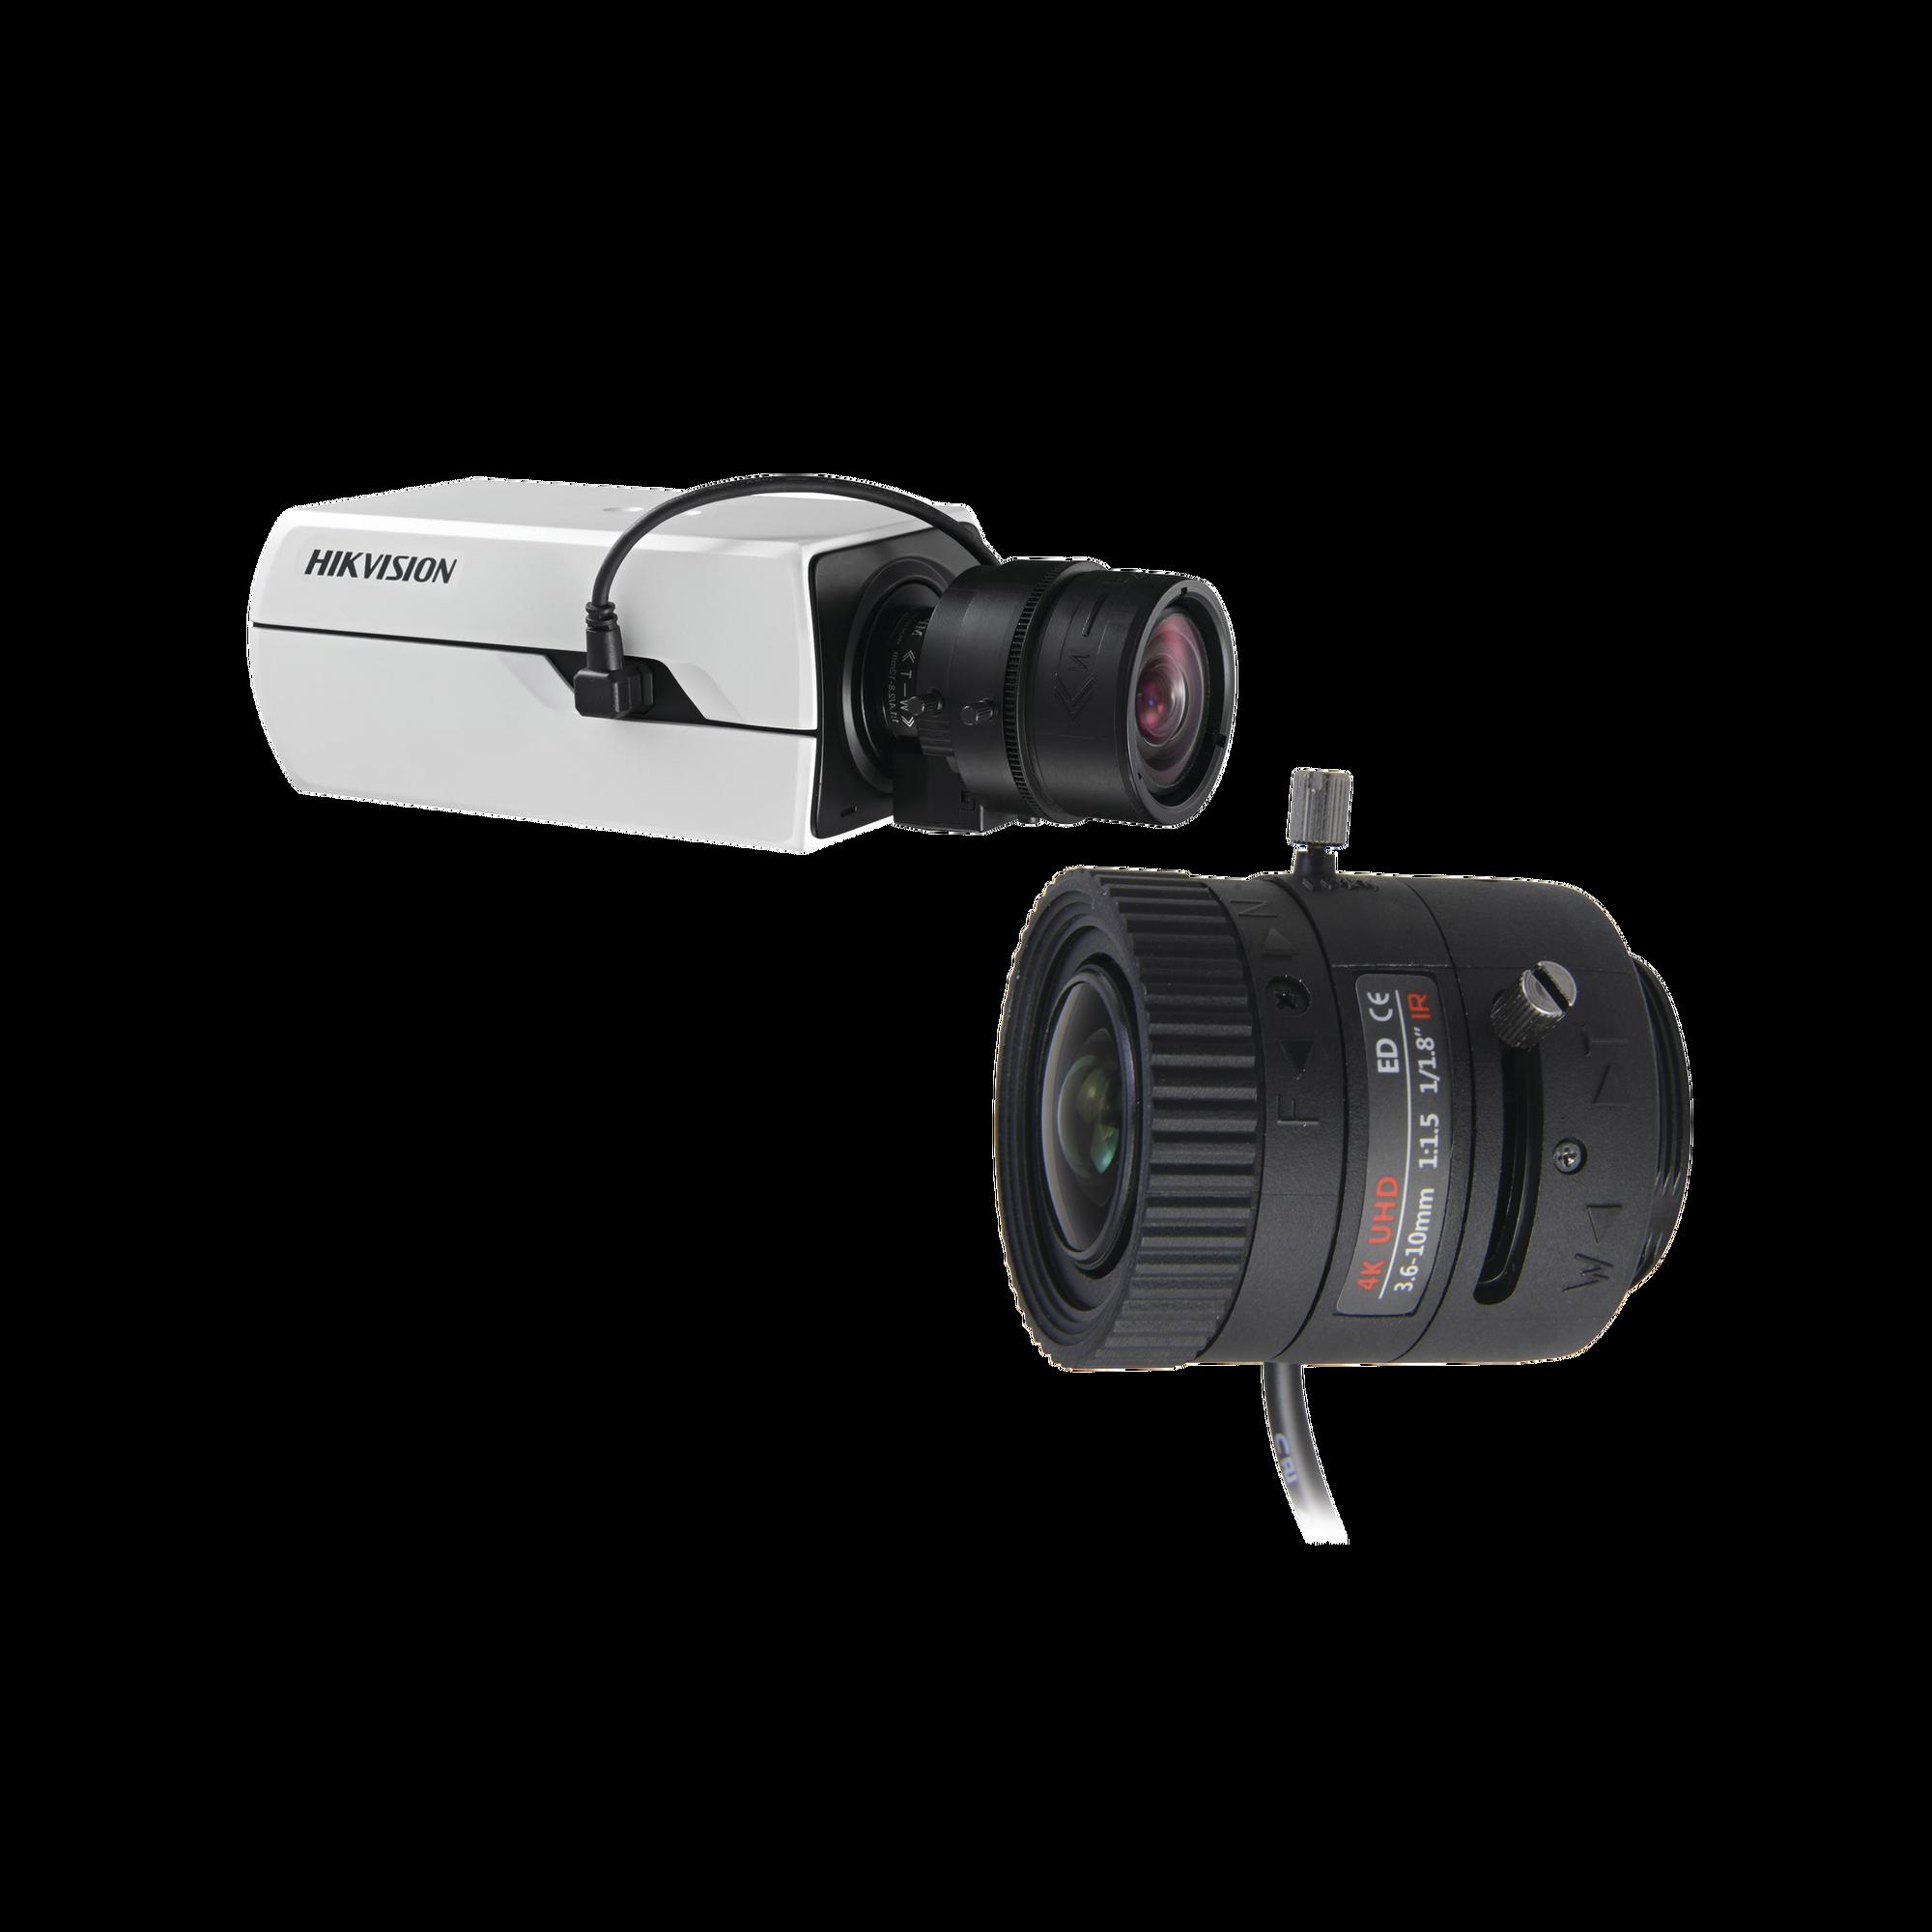 Kit de Camara Hikvision Tipo Box 4K y Lente 4K de 3.6 a 10 mm